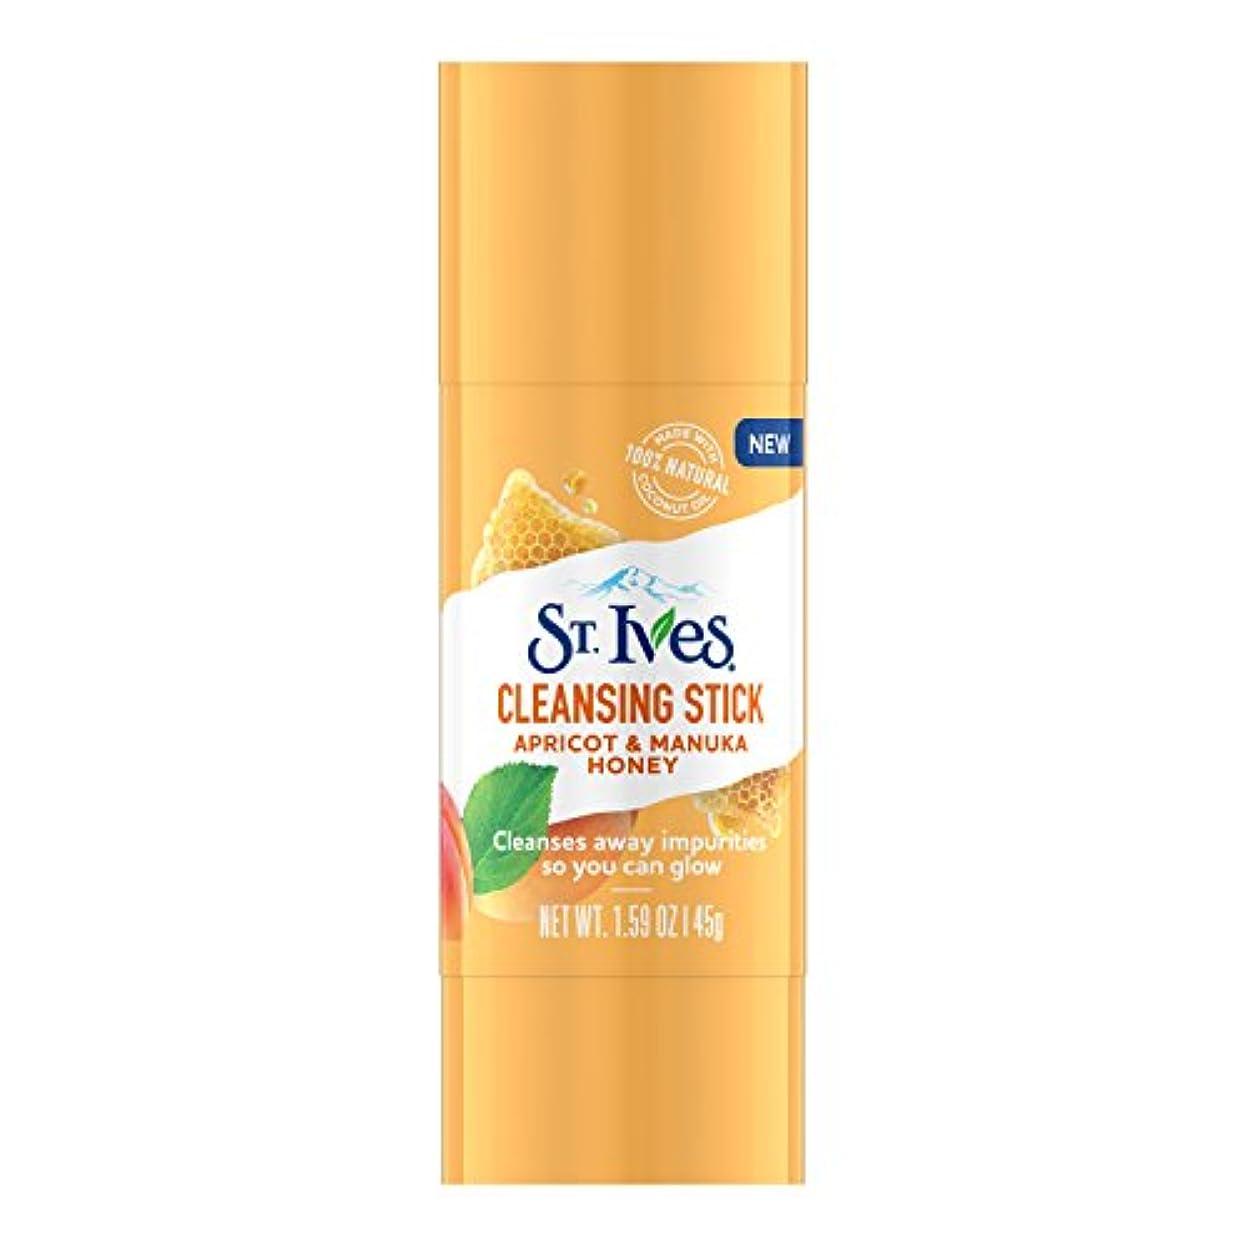 スリップ醸造所義務付けられたSt. Ives クレンジングスティック 最新コリアンビューティートレンド 100%ナチュラルココナッツオイルを使った楽しい新しい形の洗顔 45グラム (アプリコット&マヌカハニー)